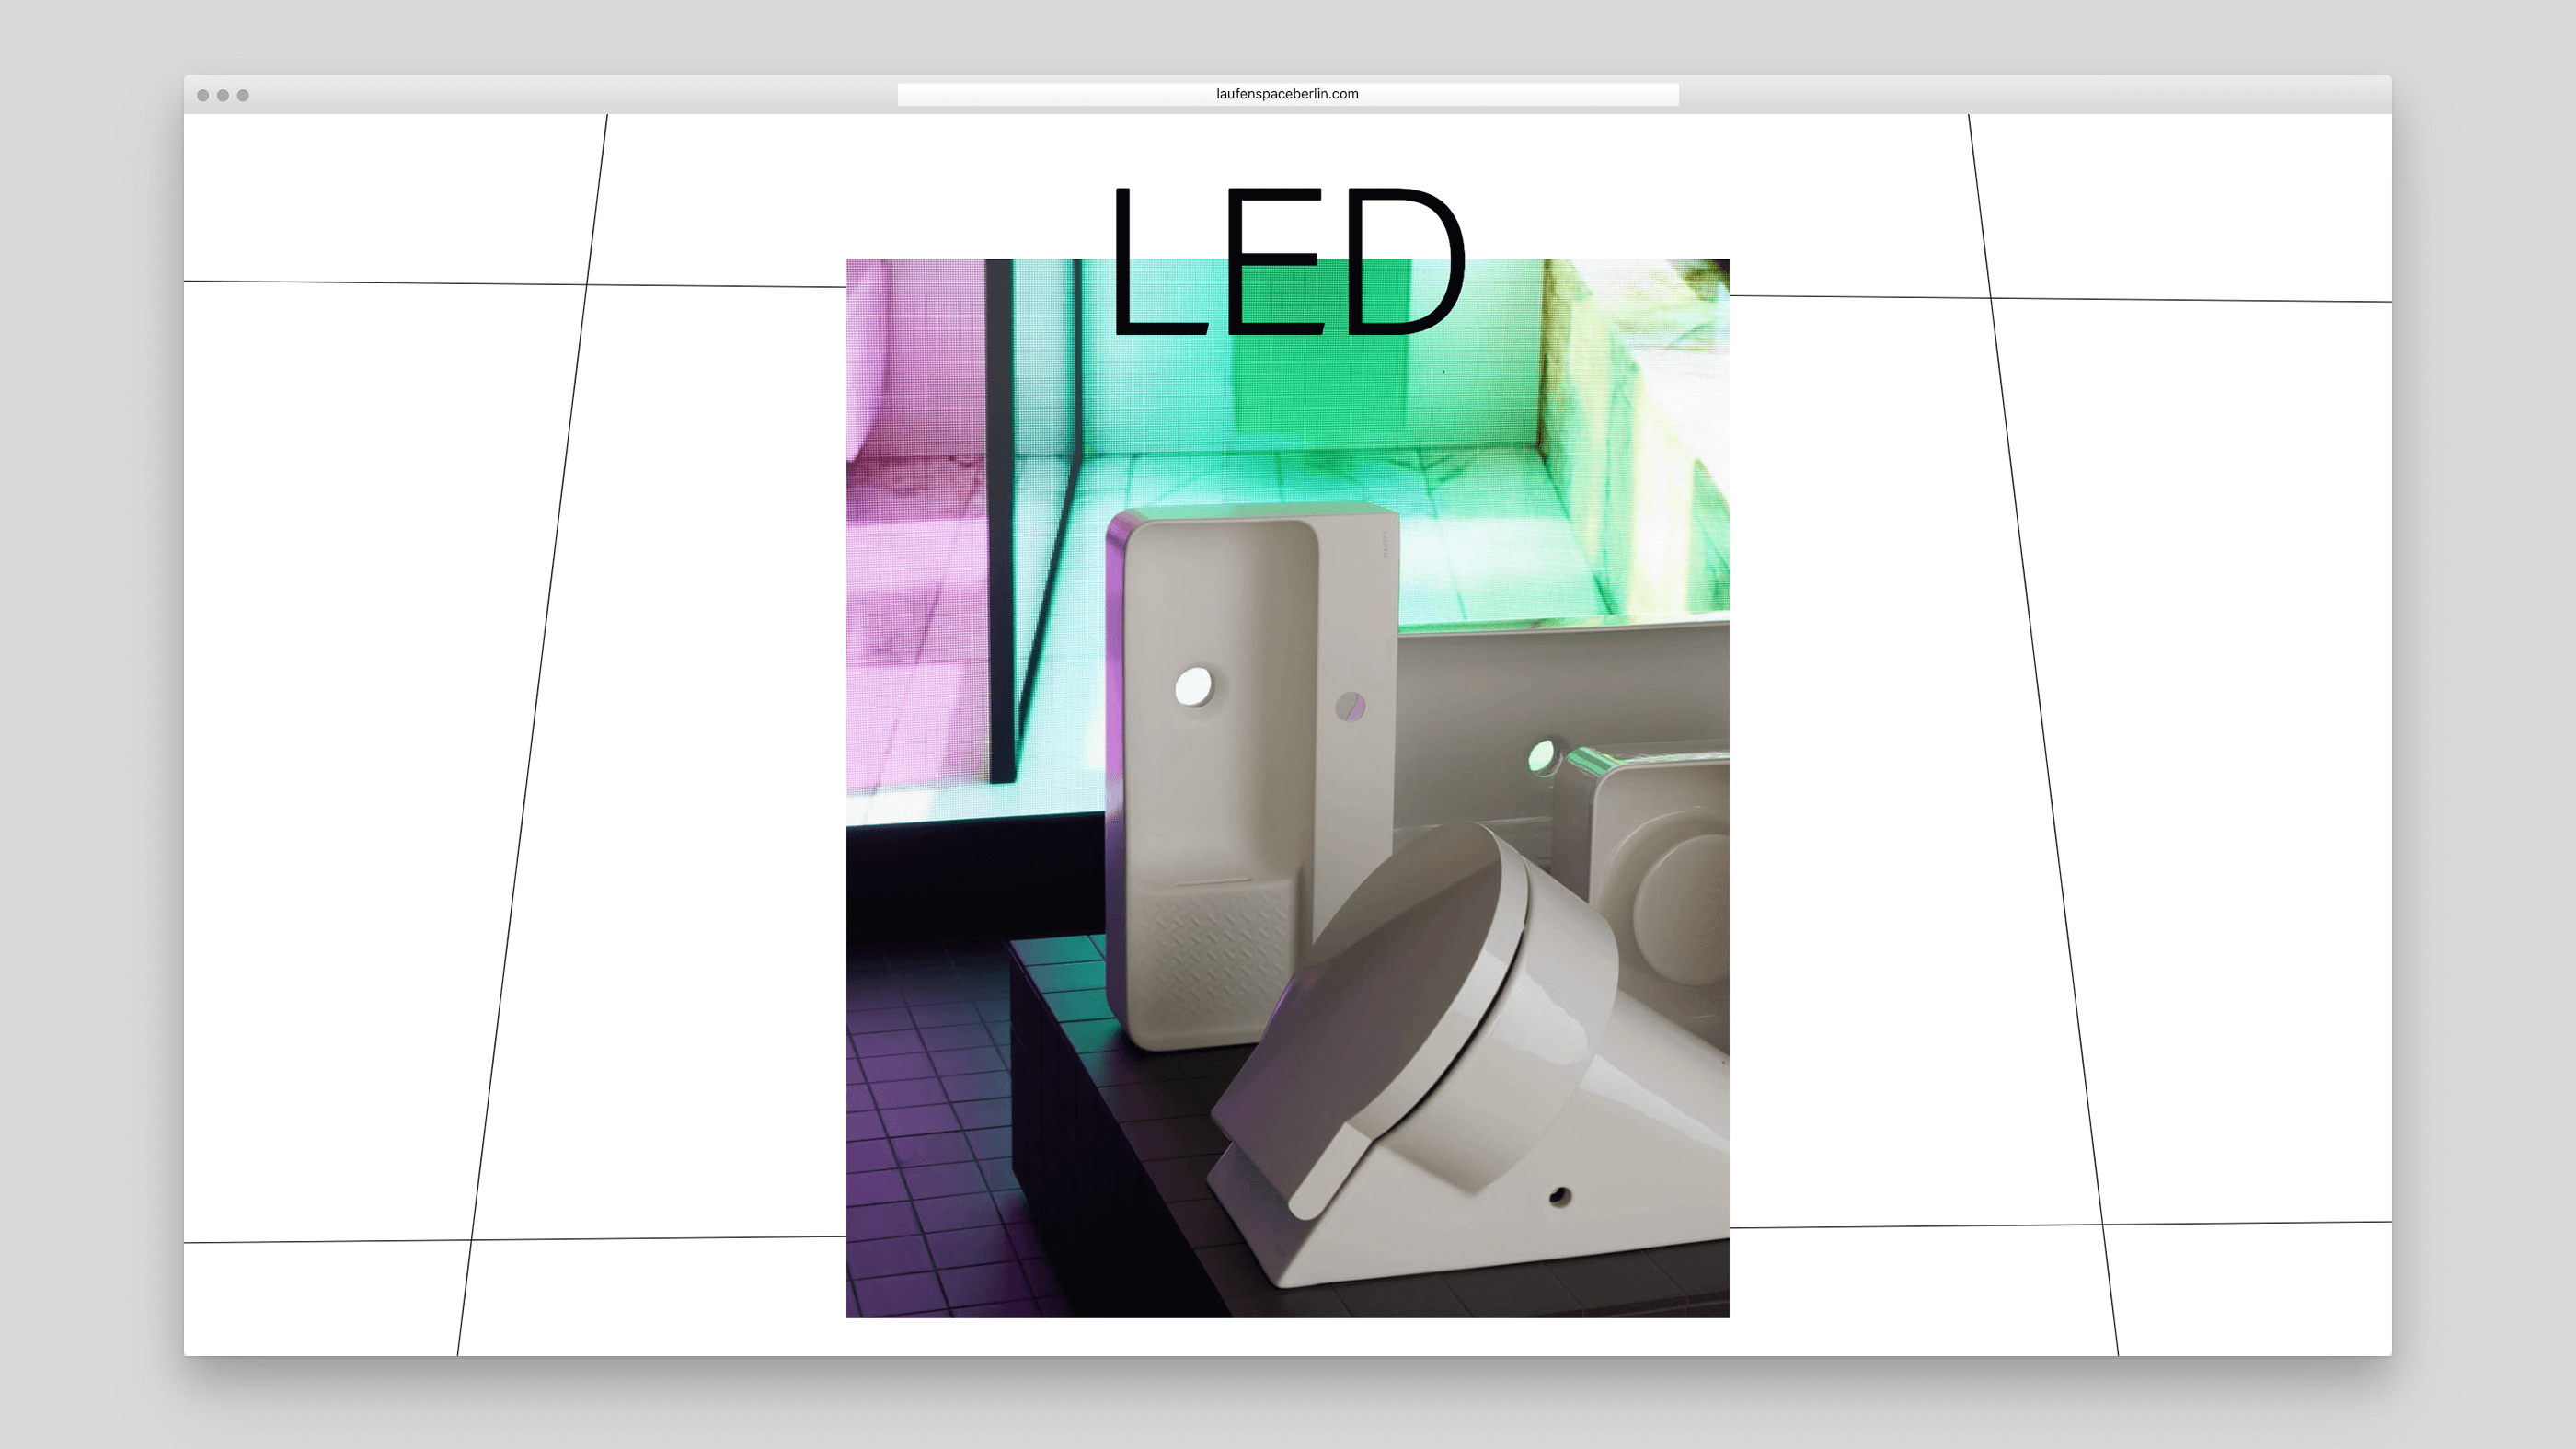 Waschbecken von Laufen vor einer LED-Wand